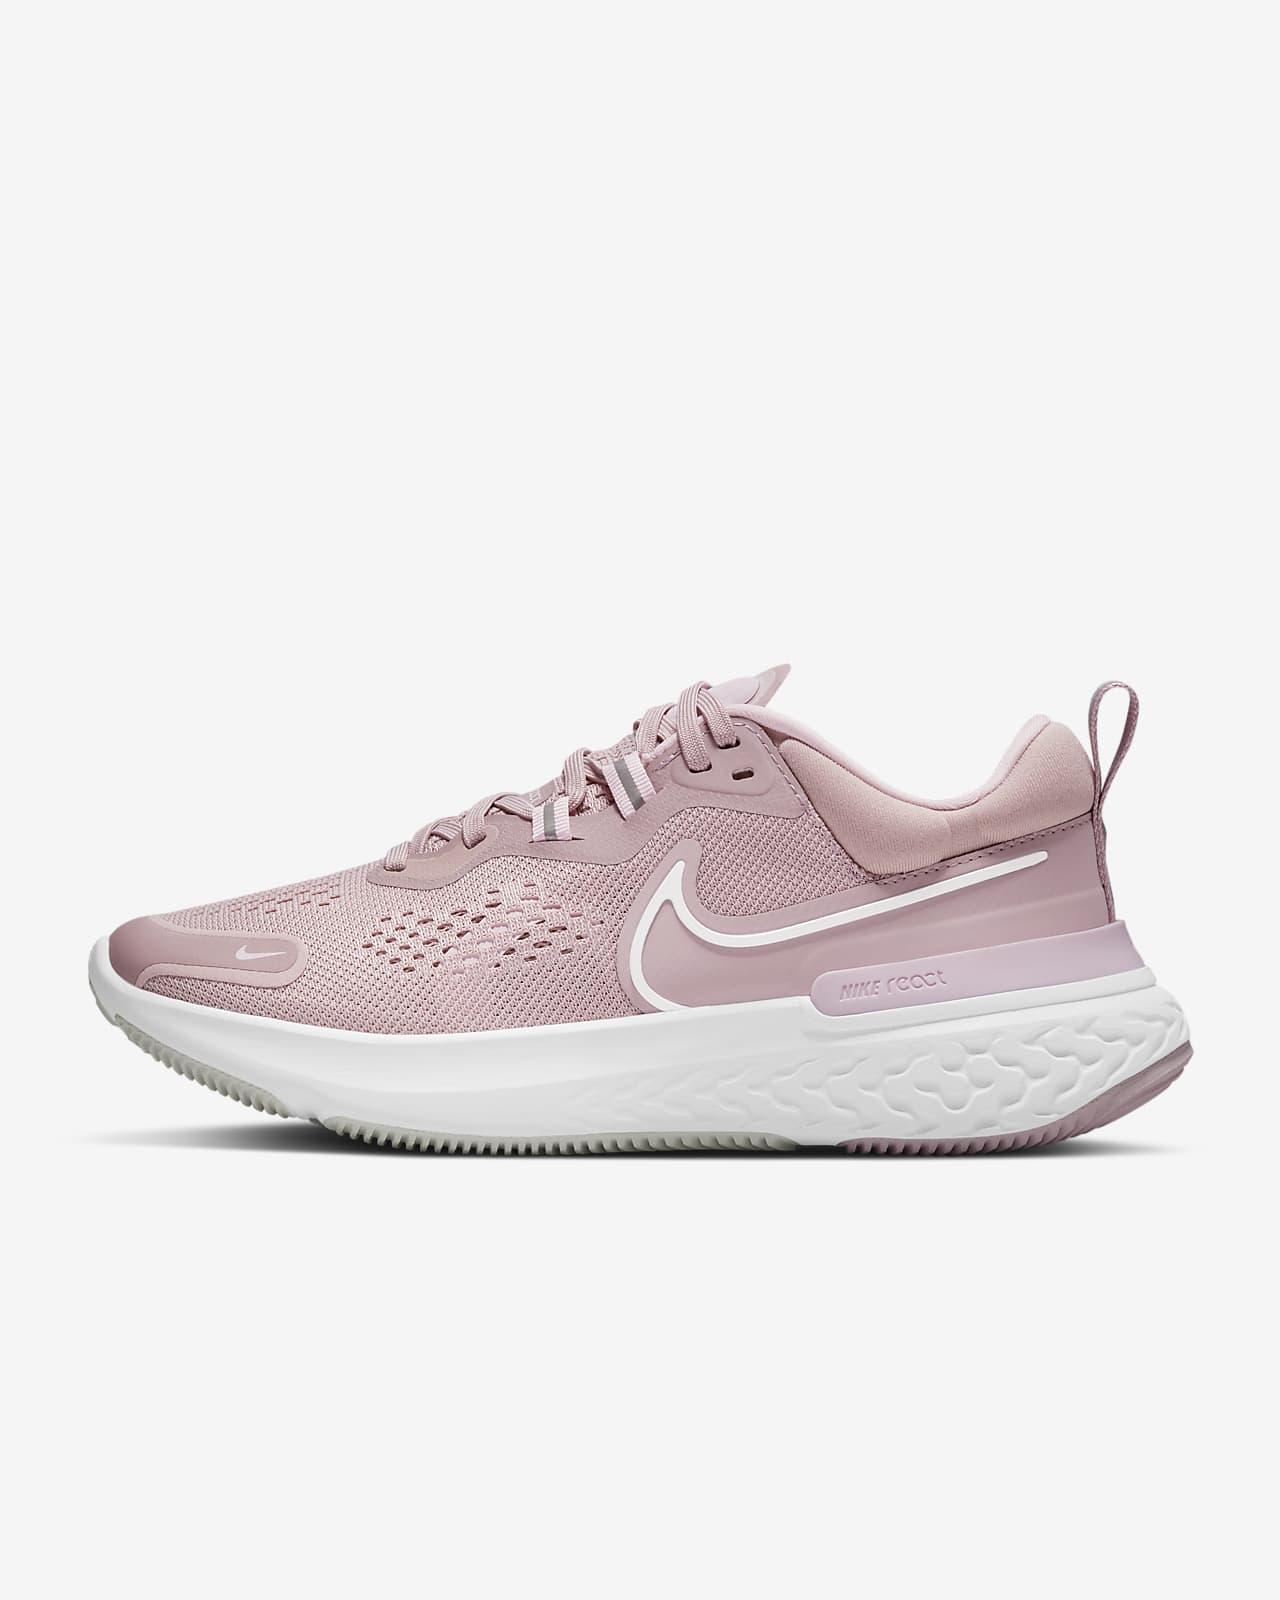 Chaussures de running sur route Nike React Miler 2 pour Femme